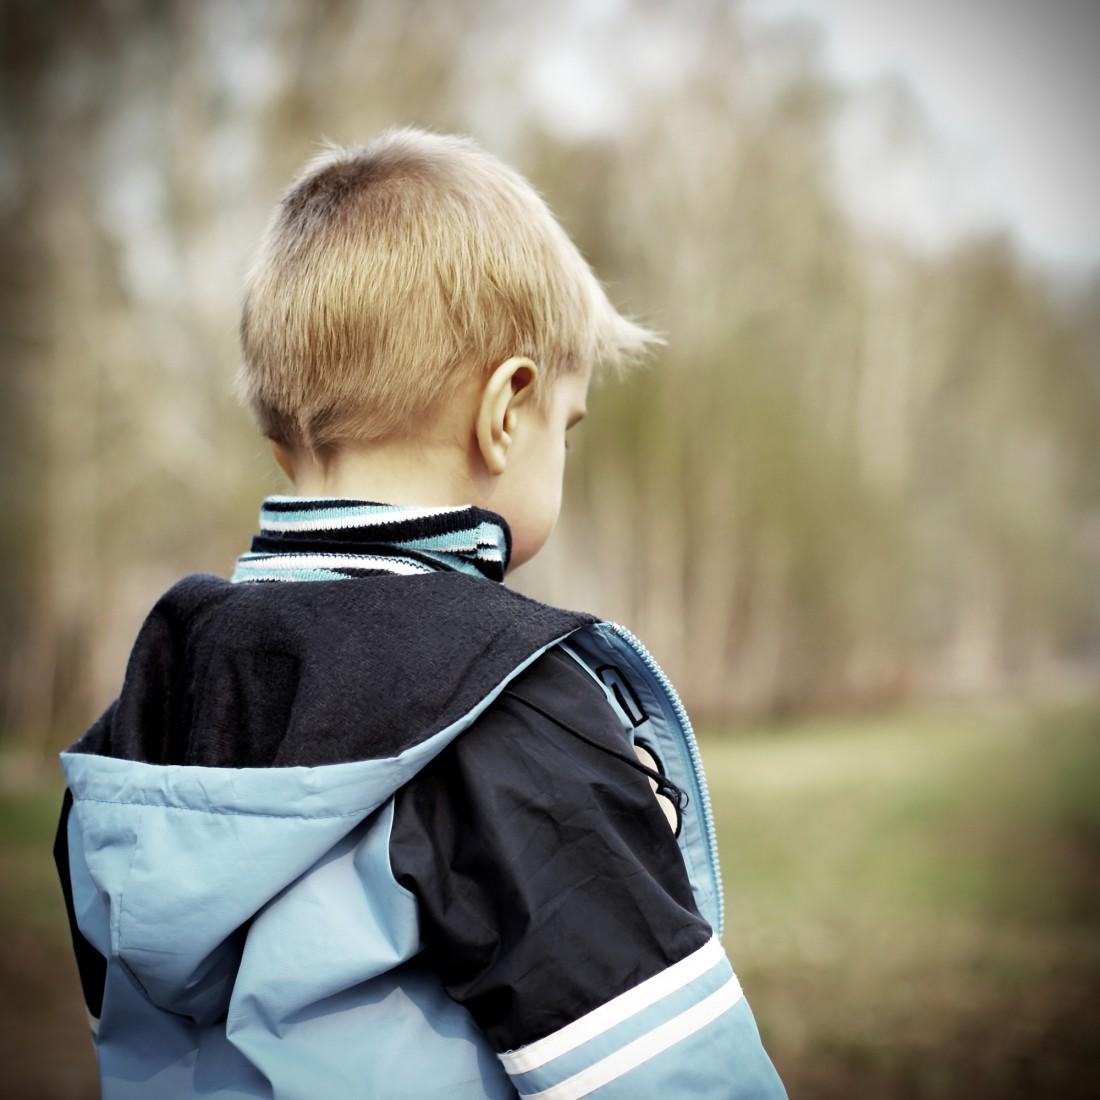 Не балуй ребенка, иначе из него вырастет настоящий эгоист